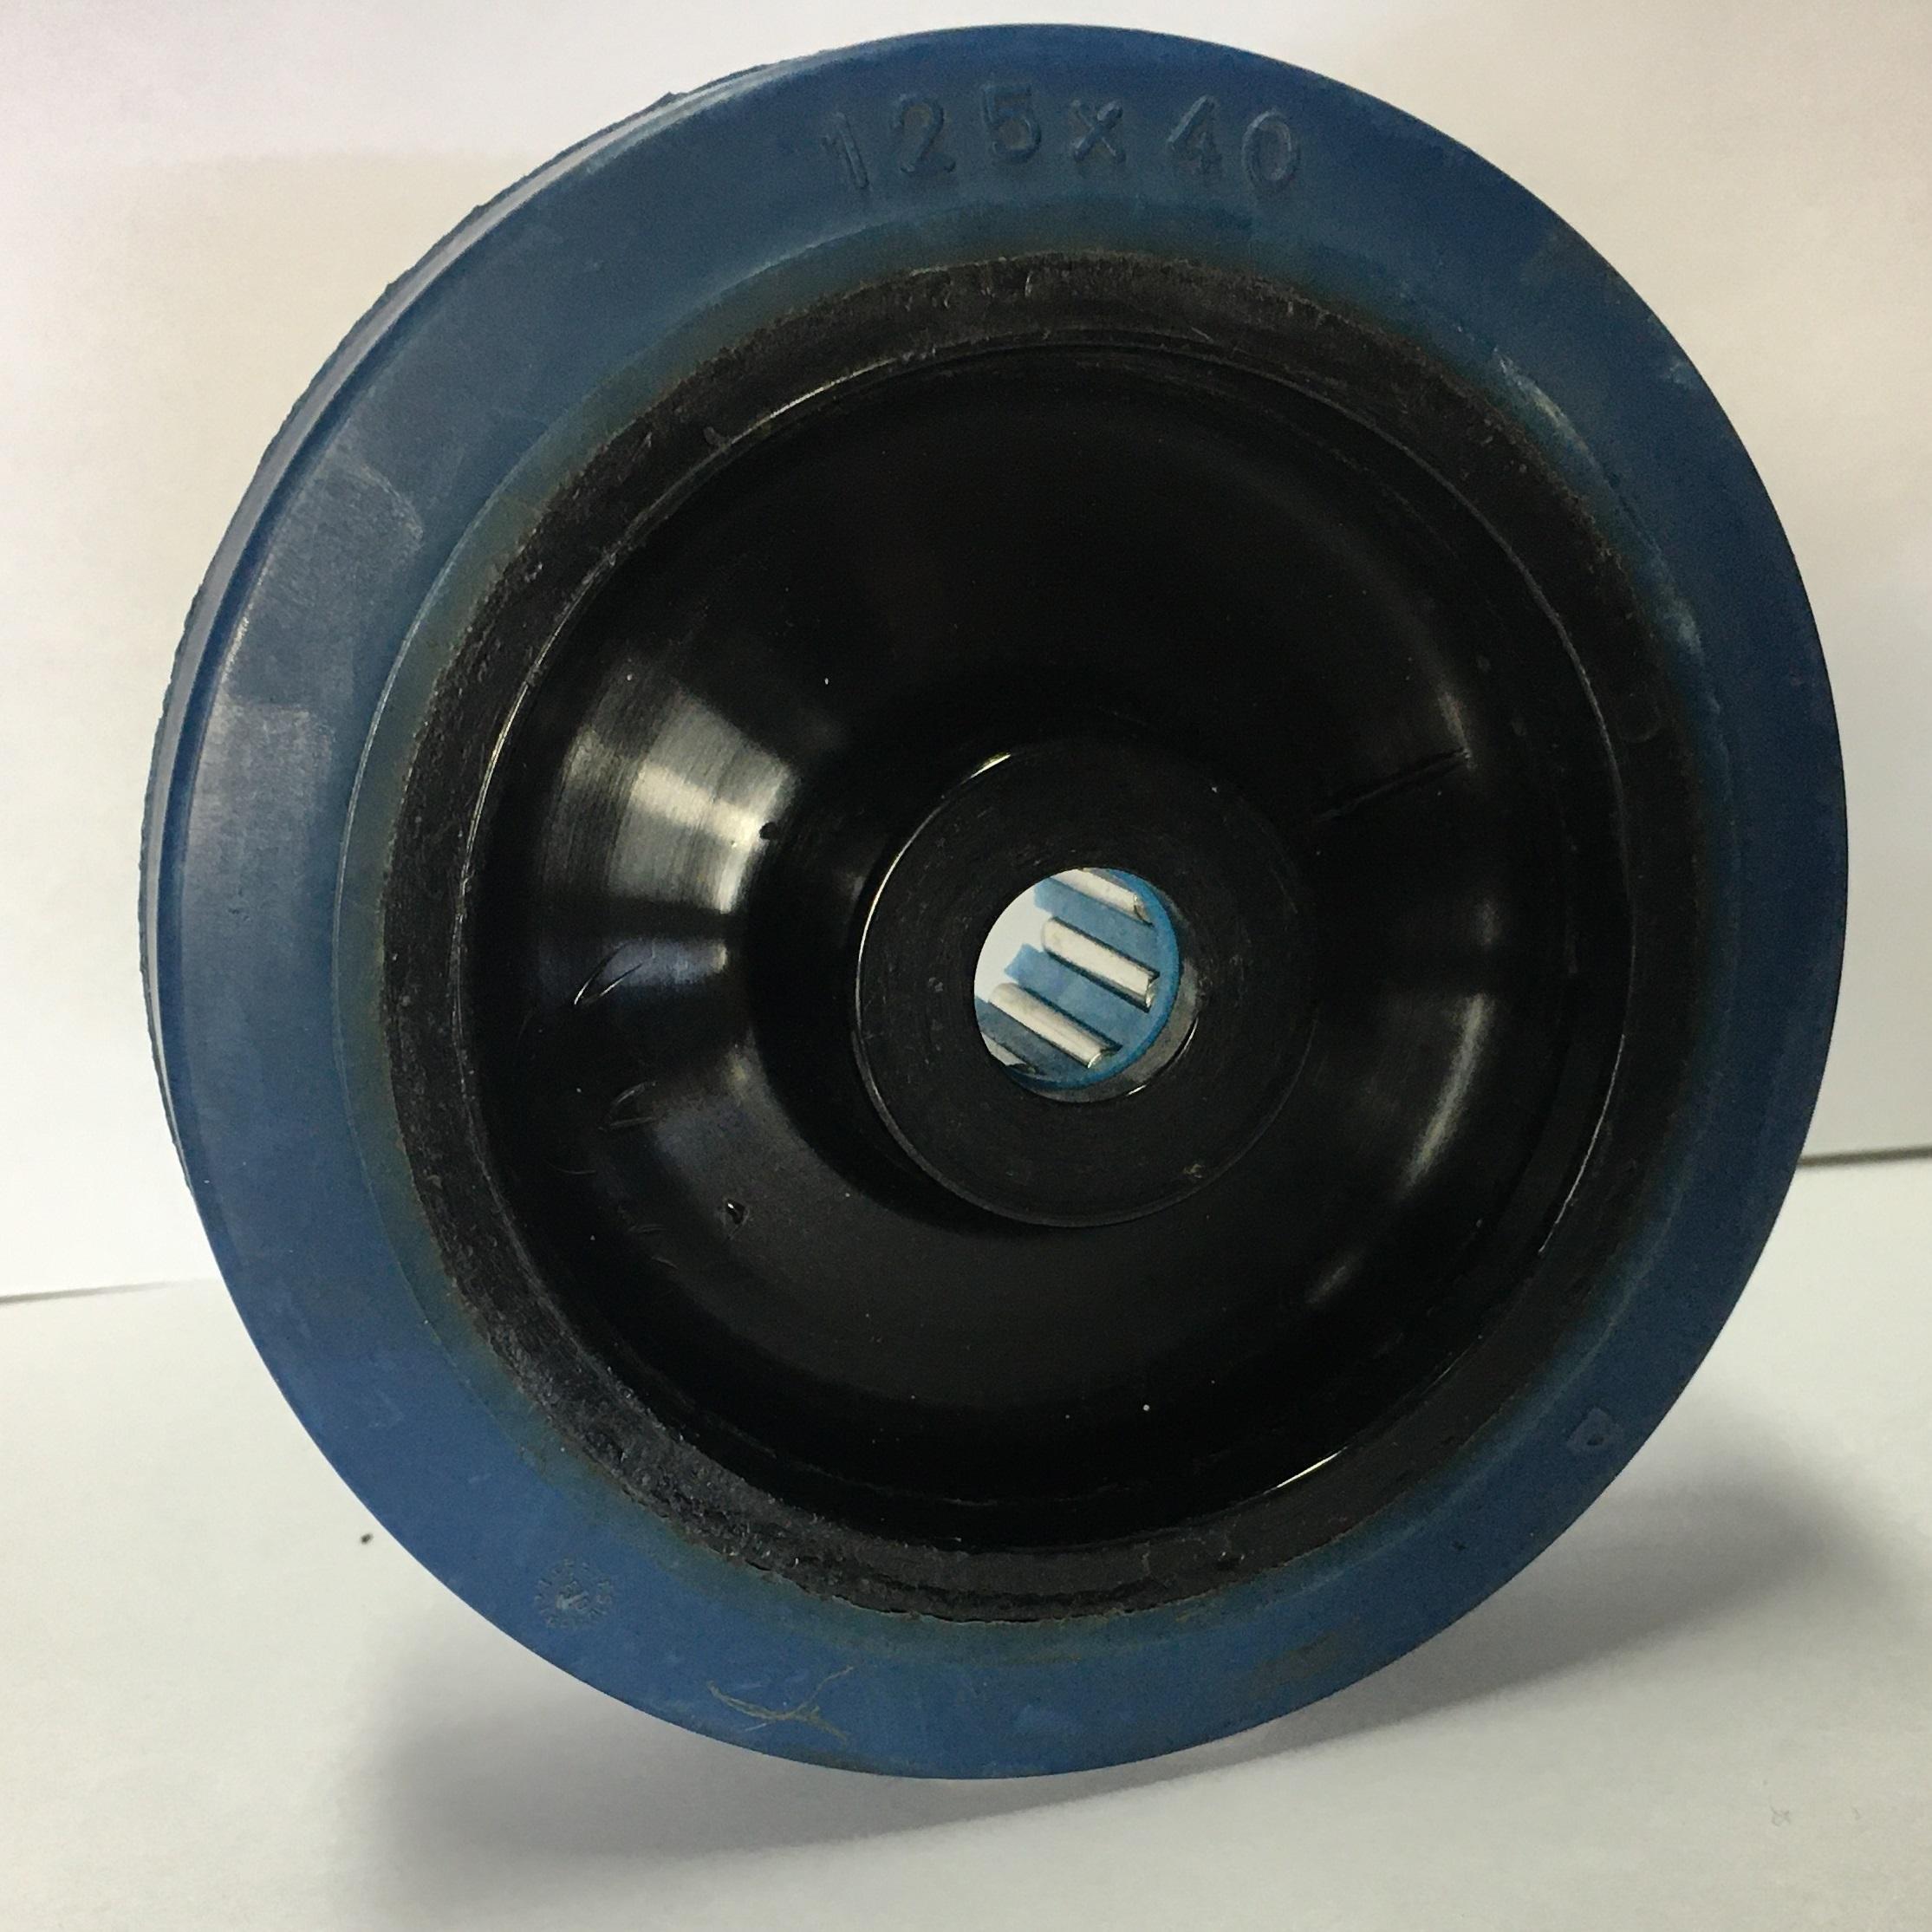 Ruote serie LB Ruote in gomma elastica antitraccia blu con mozzo in polyammide 6 neroo. Disponibili con cuscinetti a sfere di precisione schermati o inox a tenuta st agna; rullini standard o inox o a foro passante. Organo di rotolamento: cuscinetto a rullini inox.